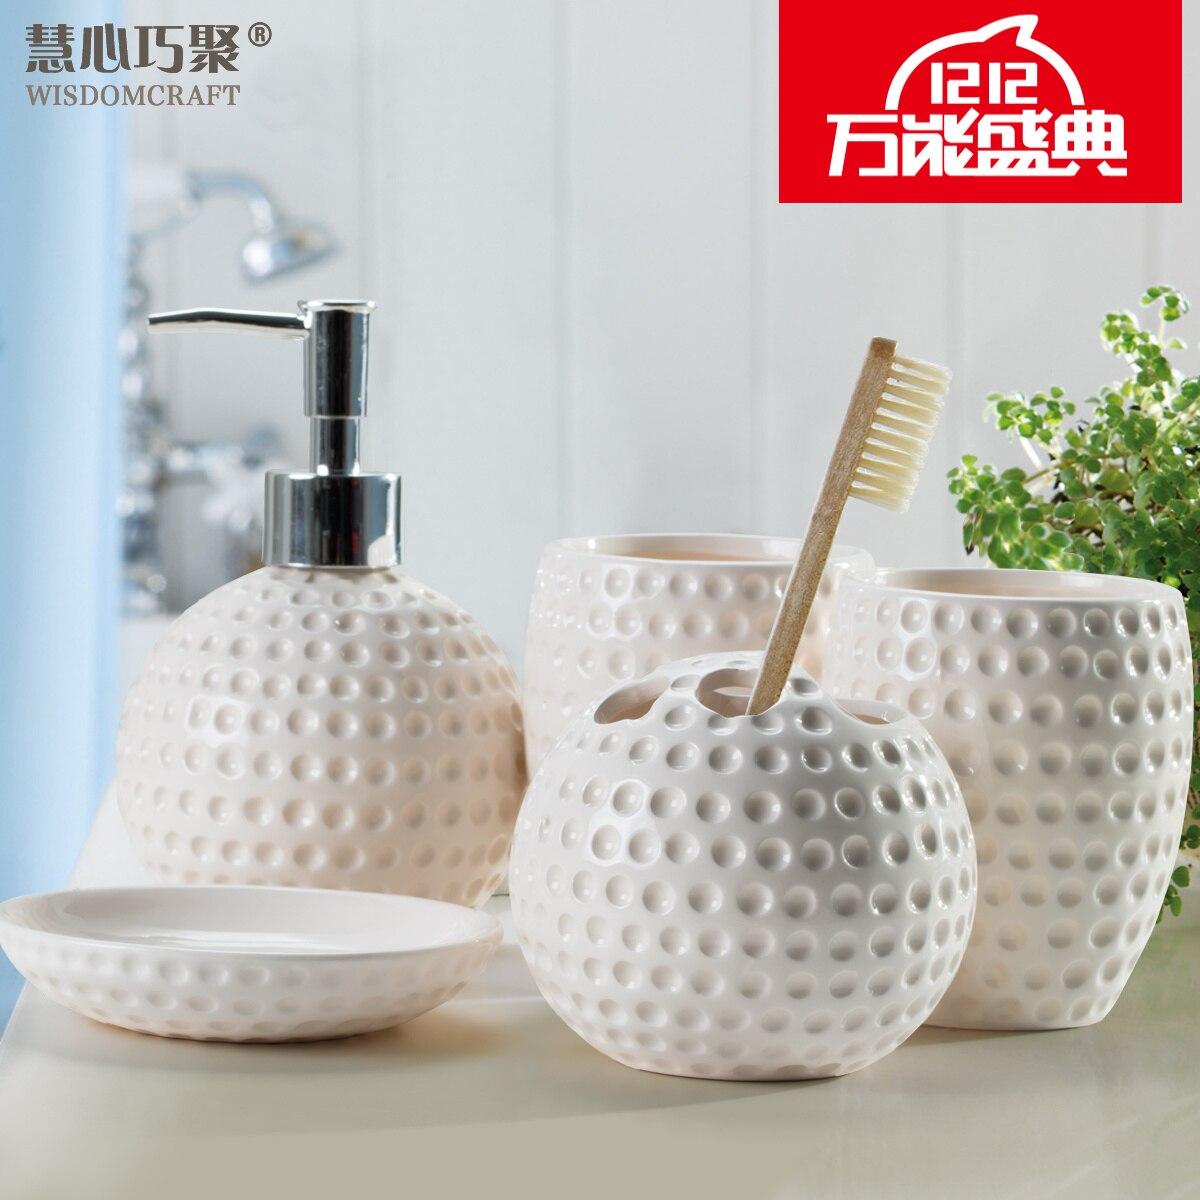 badezimmer set keramik werbeaktion shop f r werbeaktion badezimmer set keramik bei